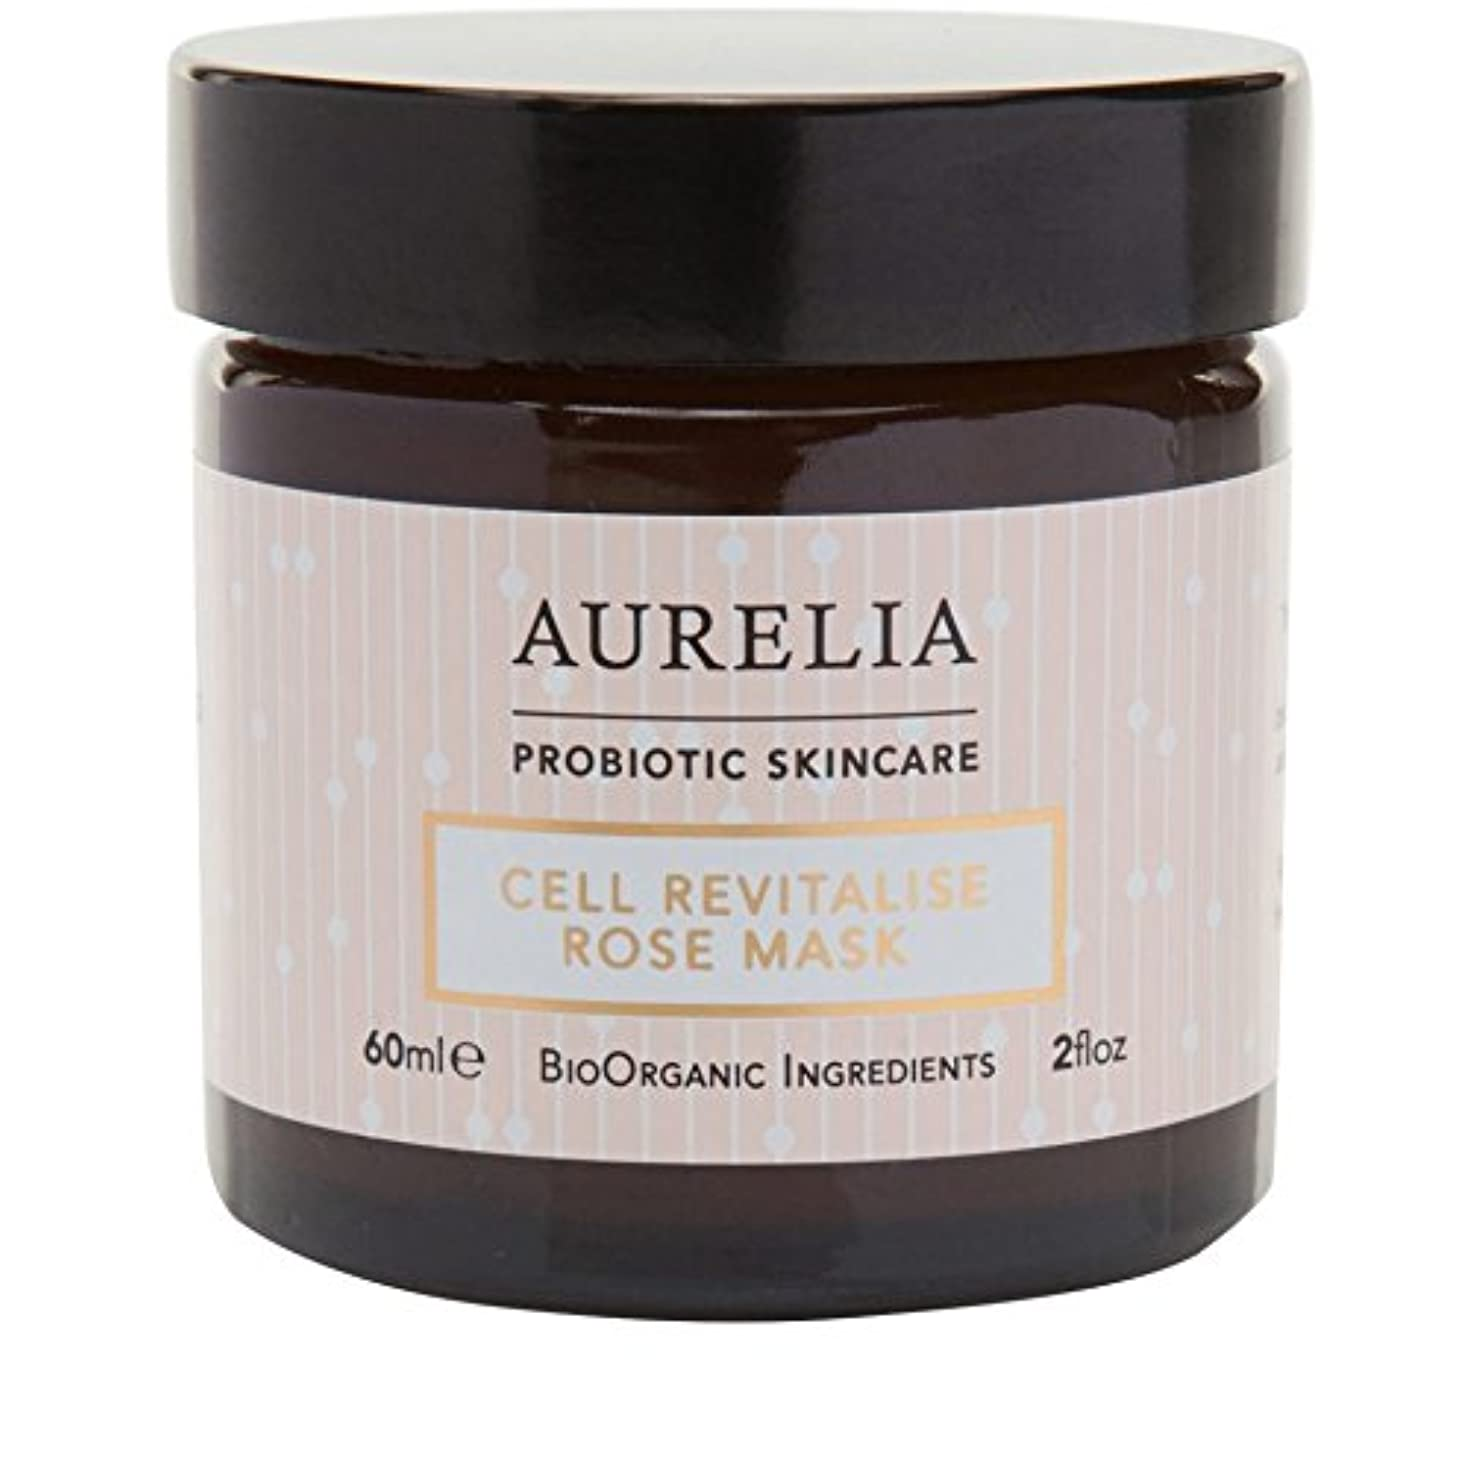 高度な情熱的南西[Aurelia Probiotic Skincare] アウレリアプロバイオティクススキンケア細胞の活力アップは、マスク60ミリリットルをバラ - Aurelia Probiotic Skincare Cell Revitalise Rose Mask 60ml [並行輸入品]